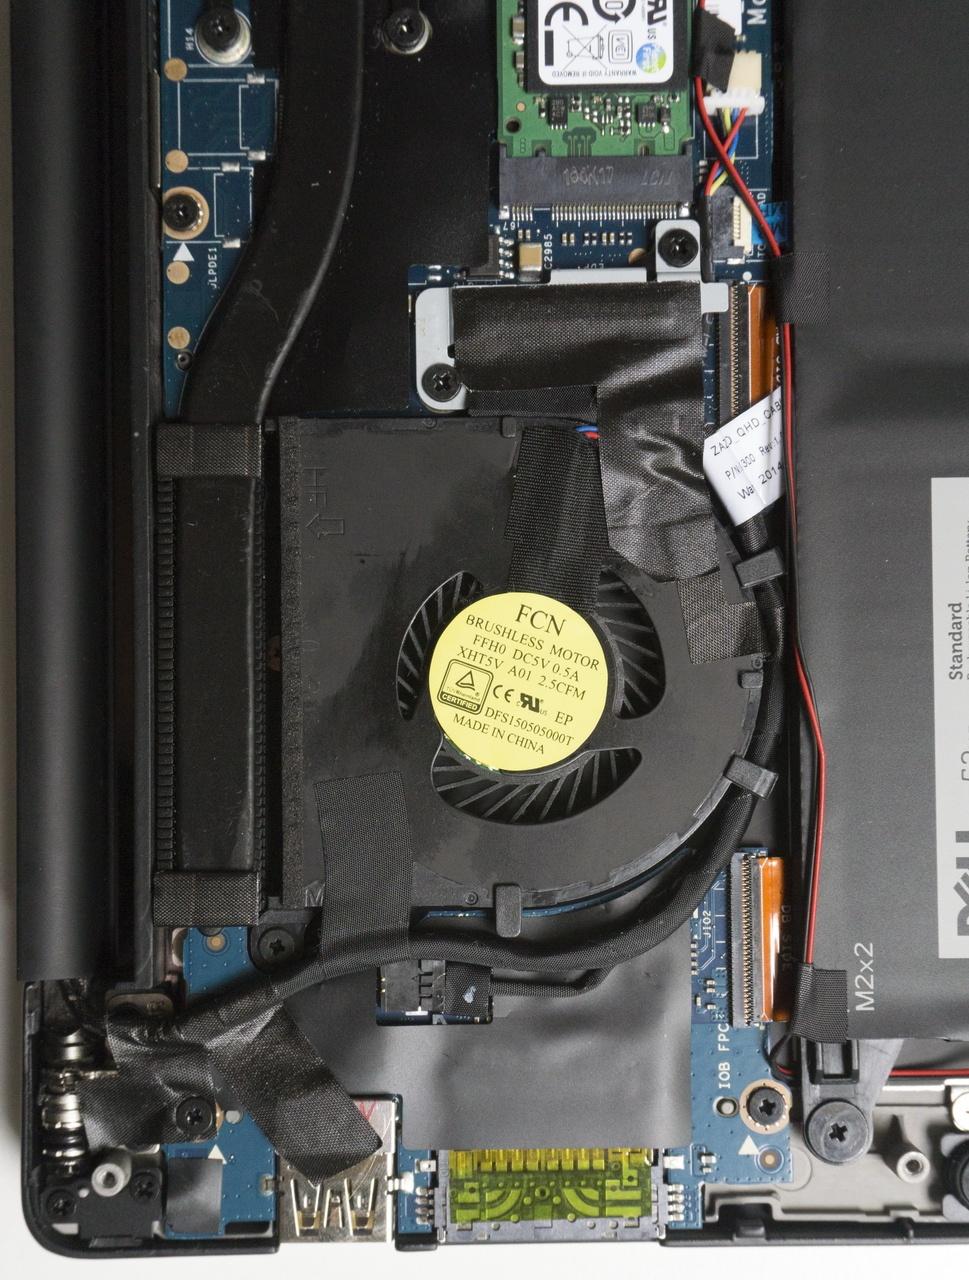 Новый Dell XPS 13: Как уменьшить 13-дюймовый ноутбук с пользой для дела? - 10